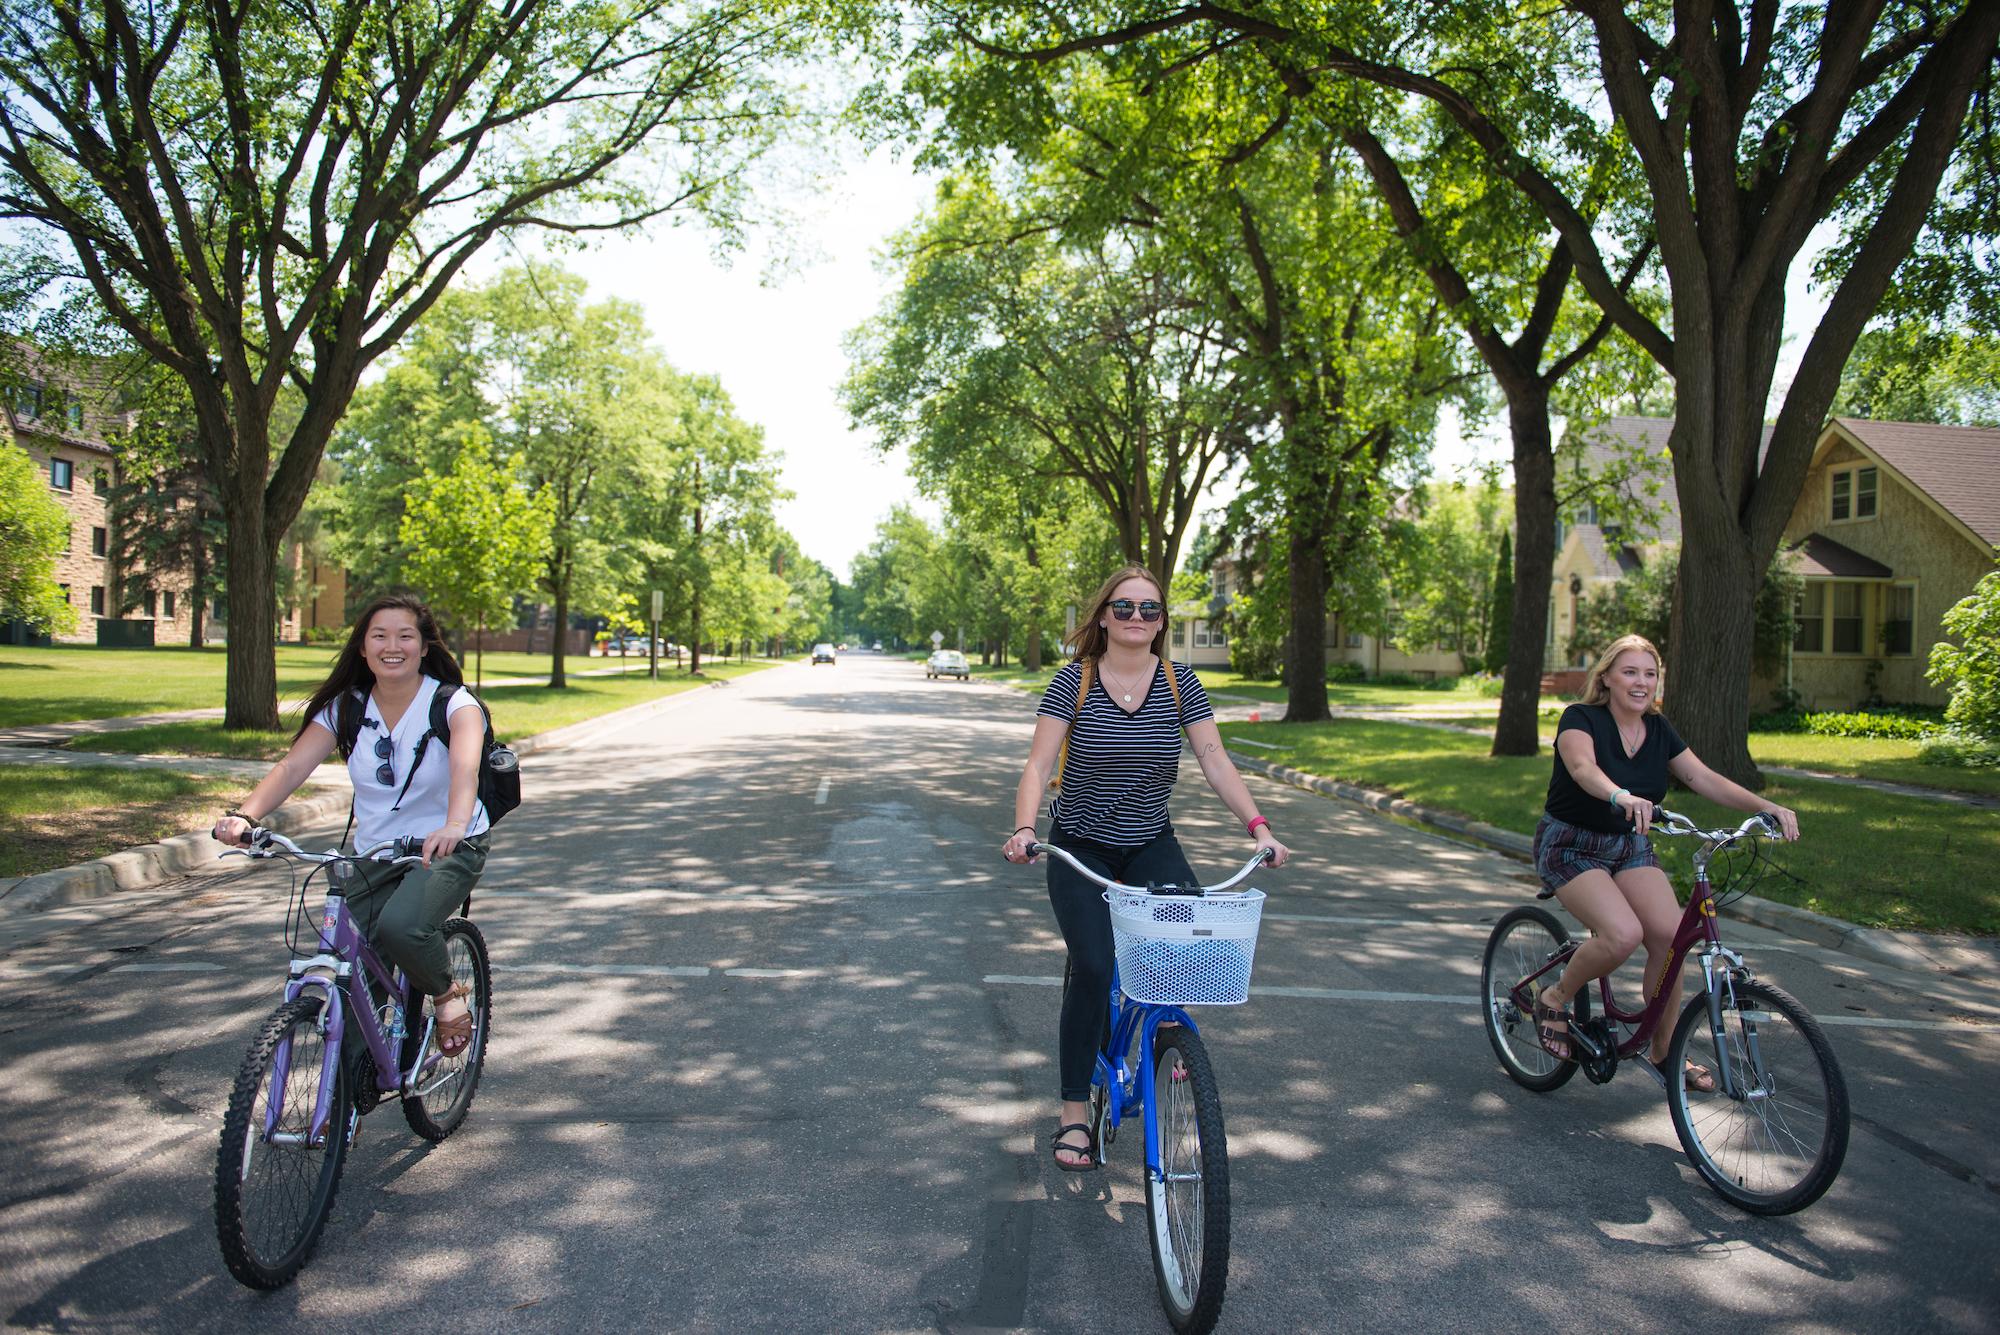 Friends Bike on Road